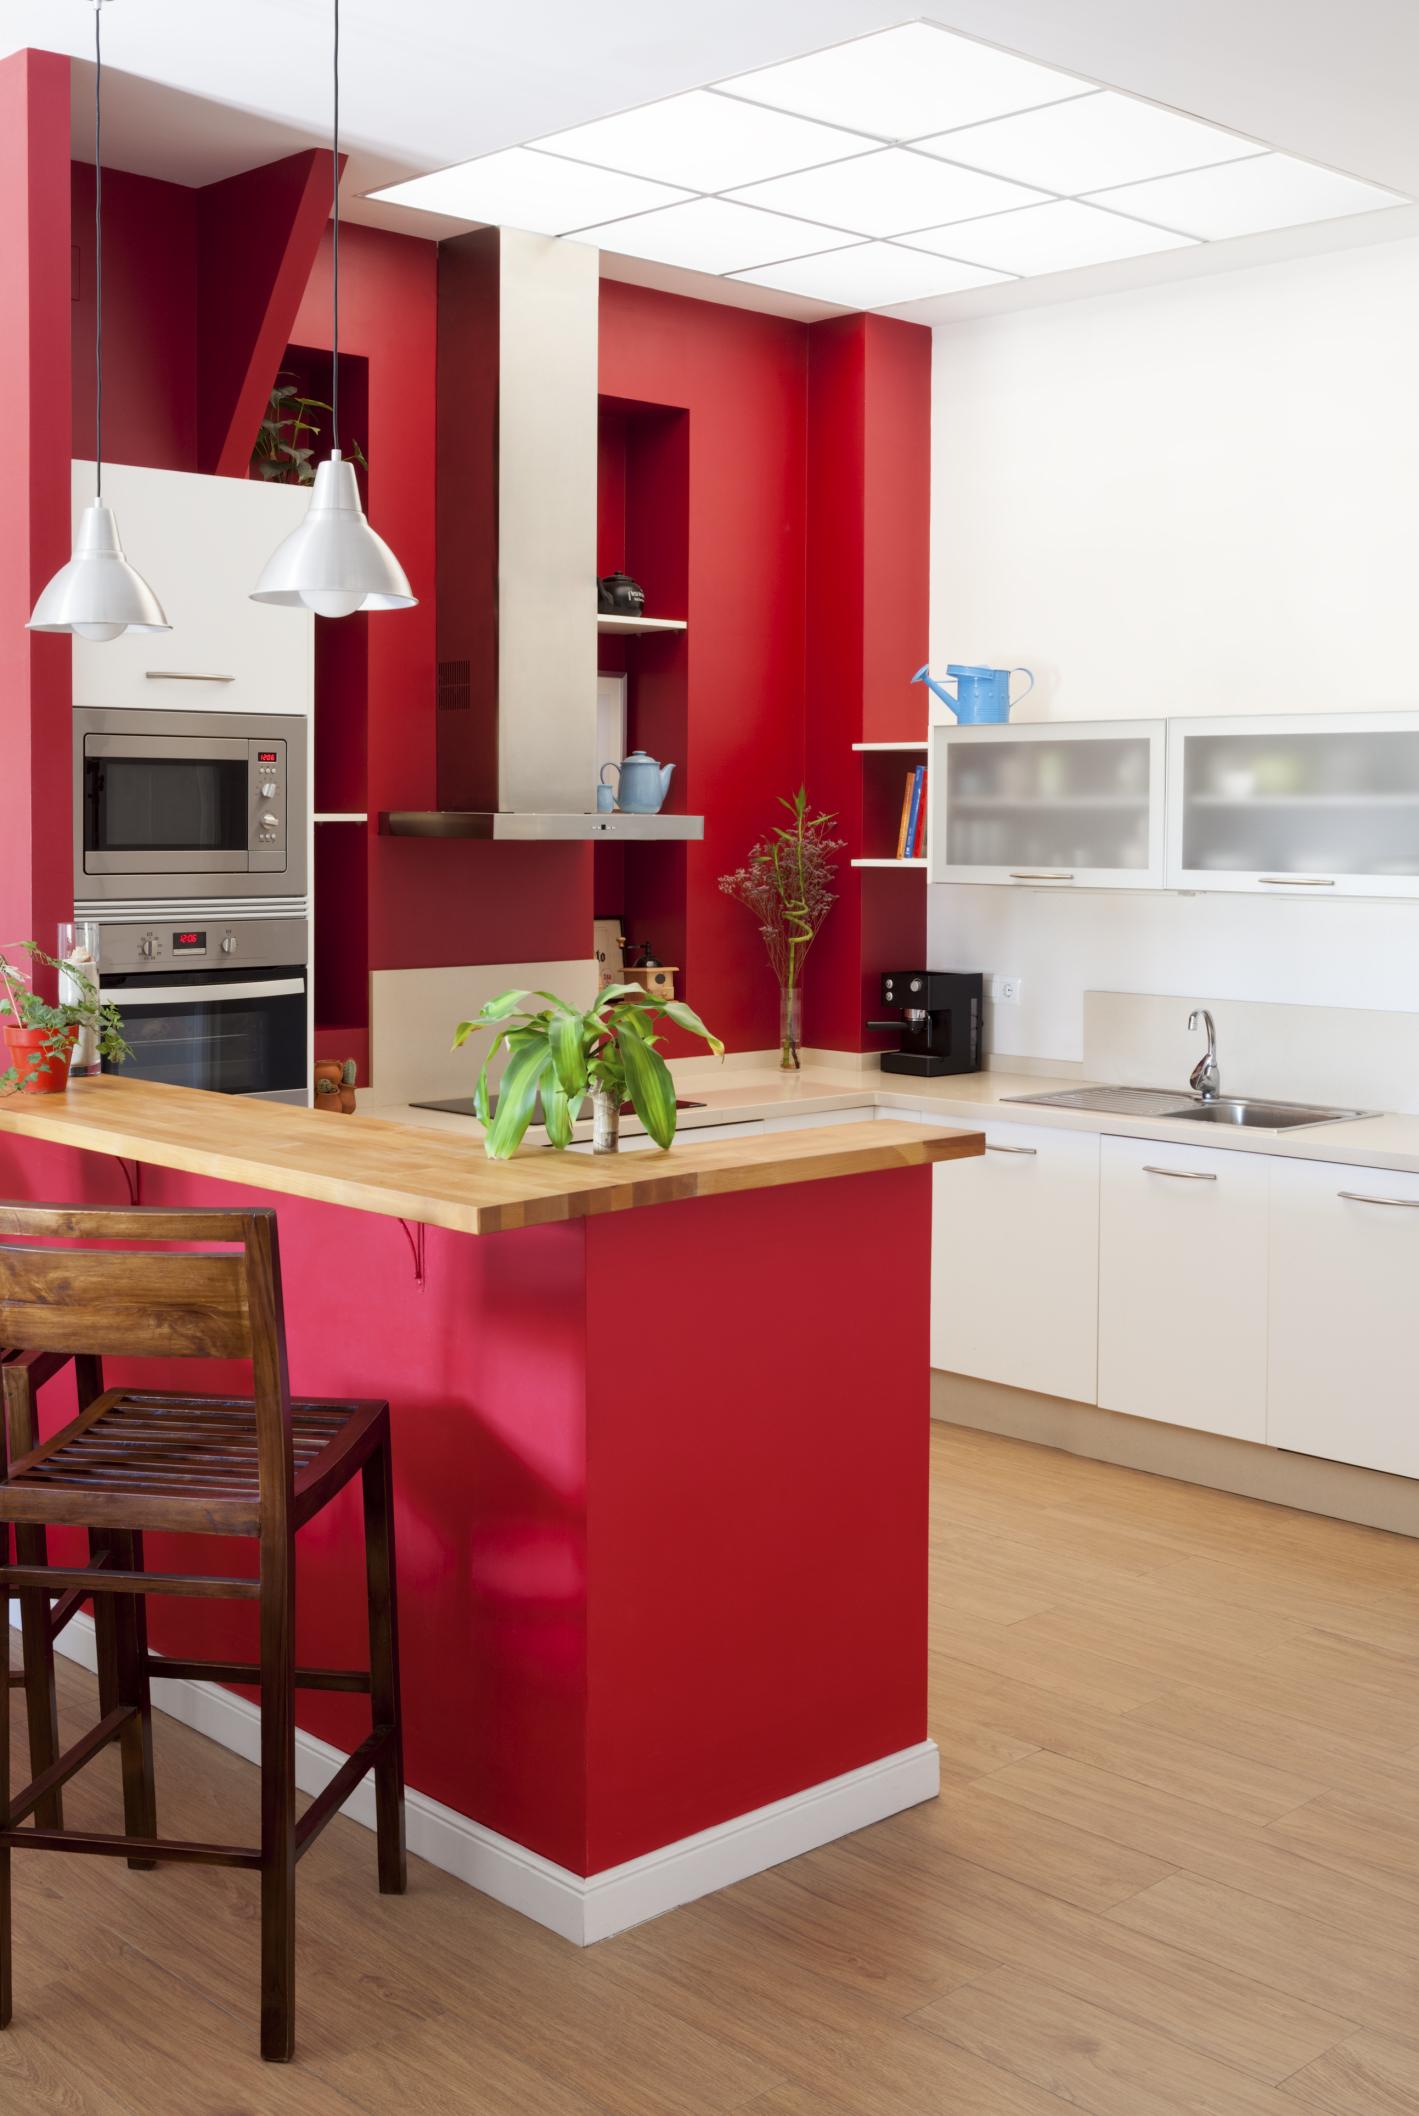 Kolory ścian, mebli i dodatków w kuchni. Czy wiesz, jakie kolory pobudzają apetyt?